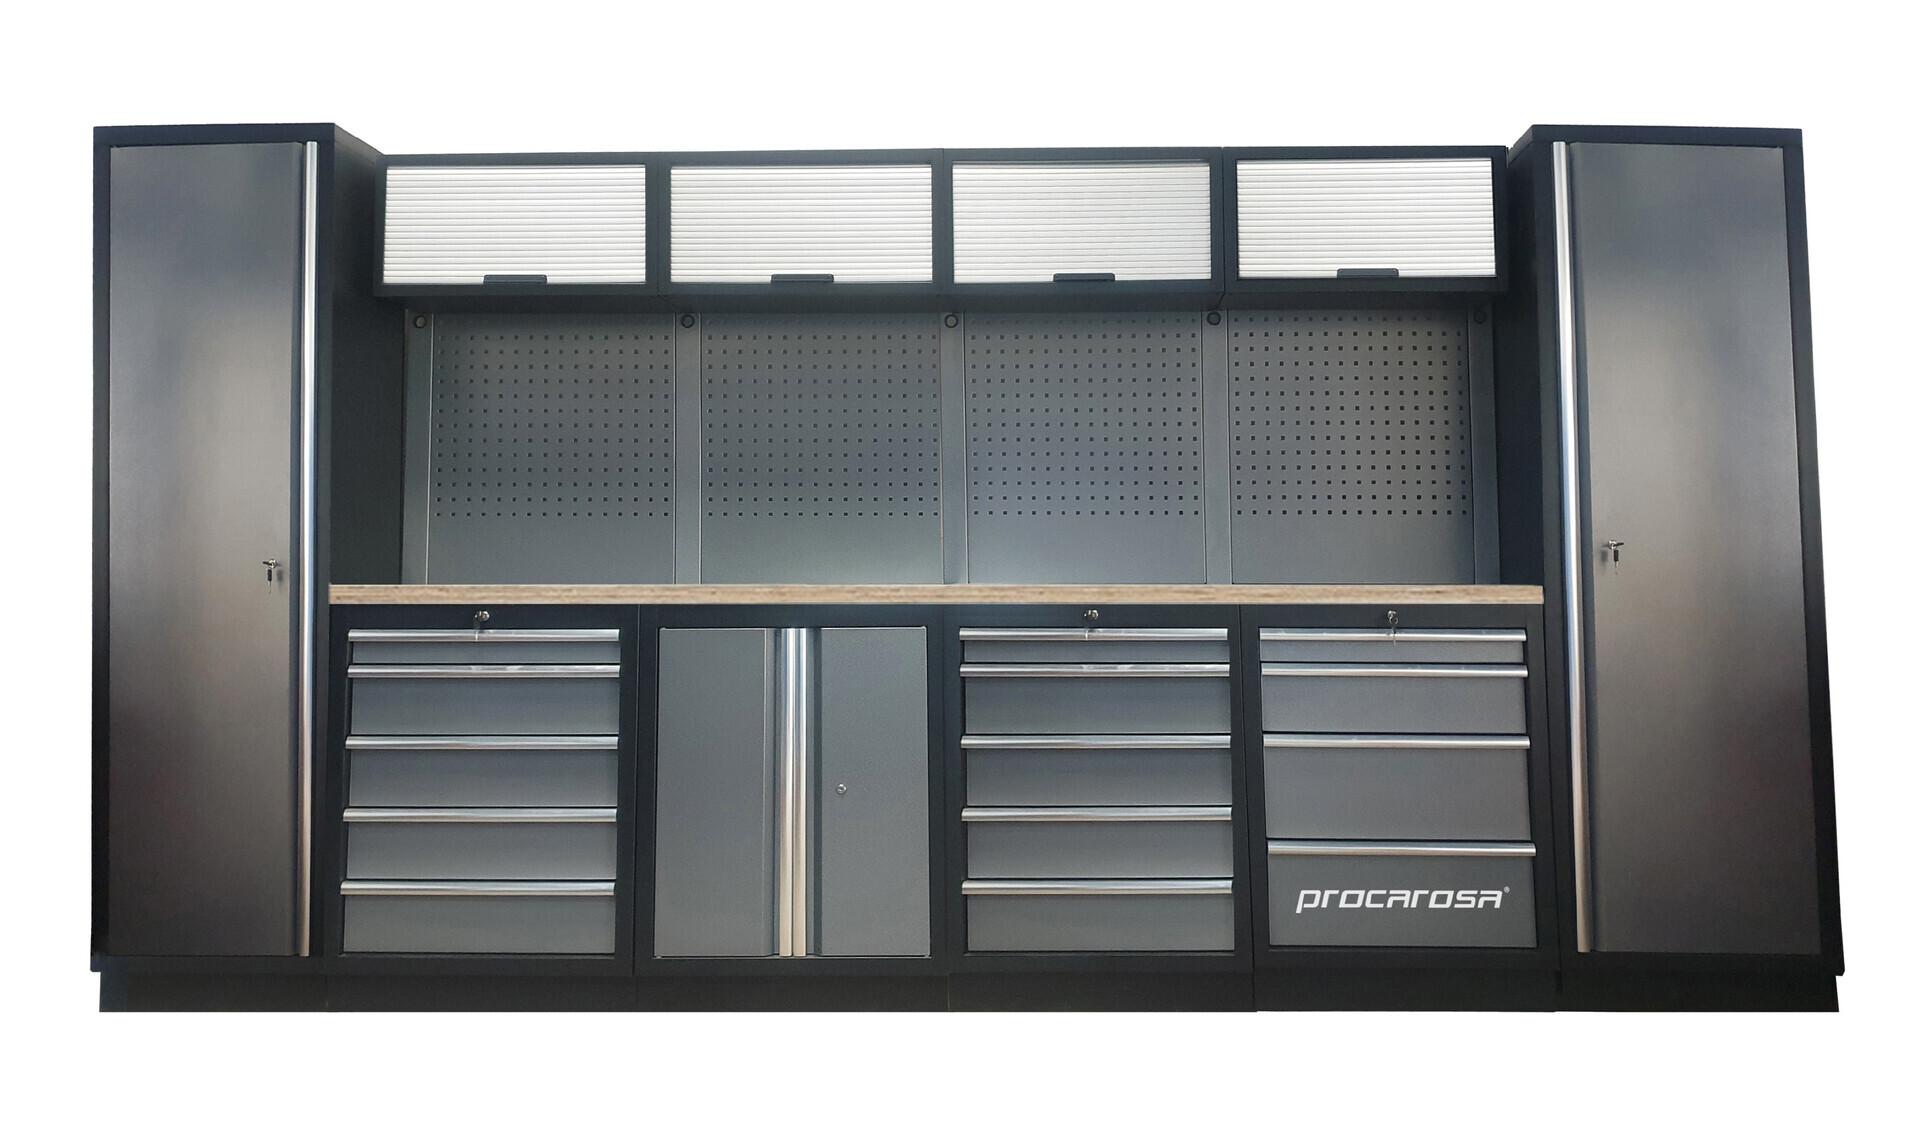 Sestava dílenského nábytku Procarosa PROFESSIONAL L-5 Pracovní deska: dřevěná, Hmotnost: 3